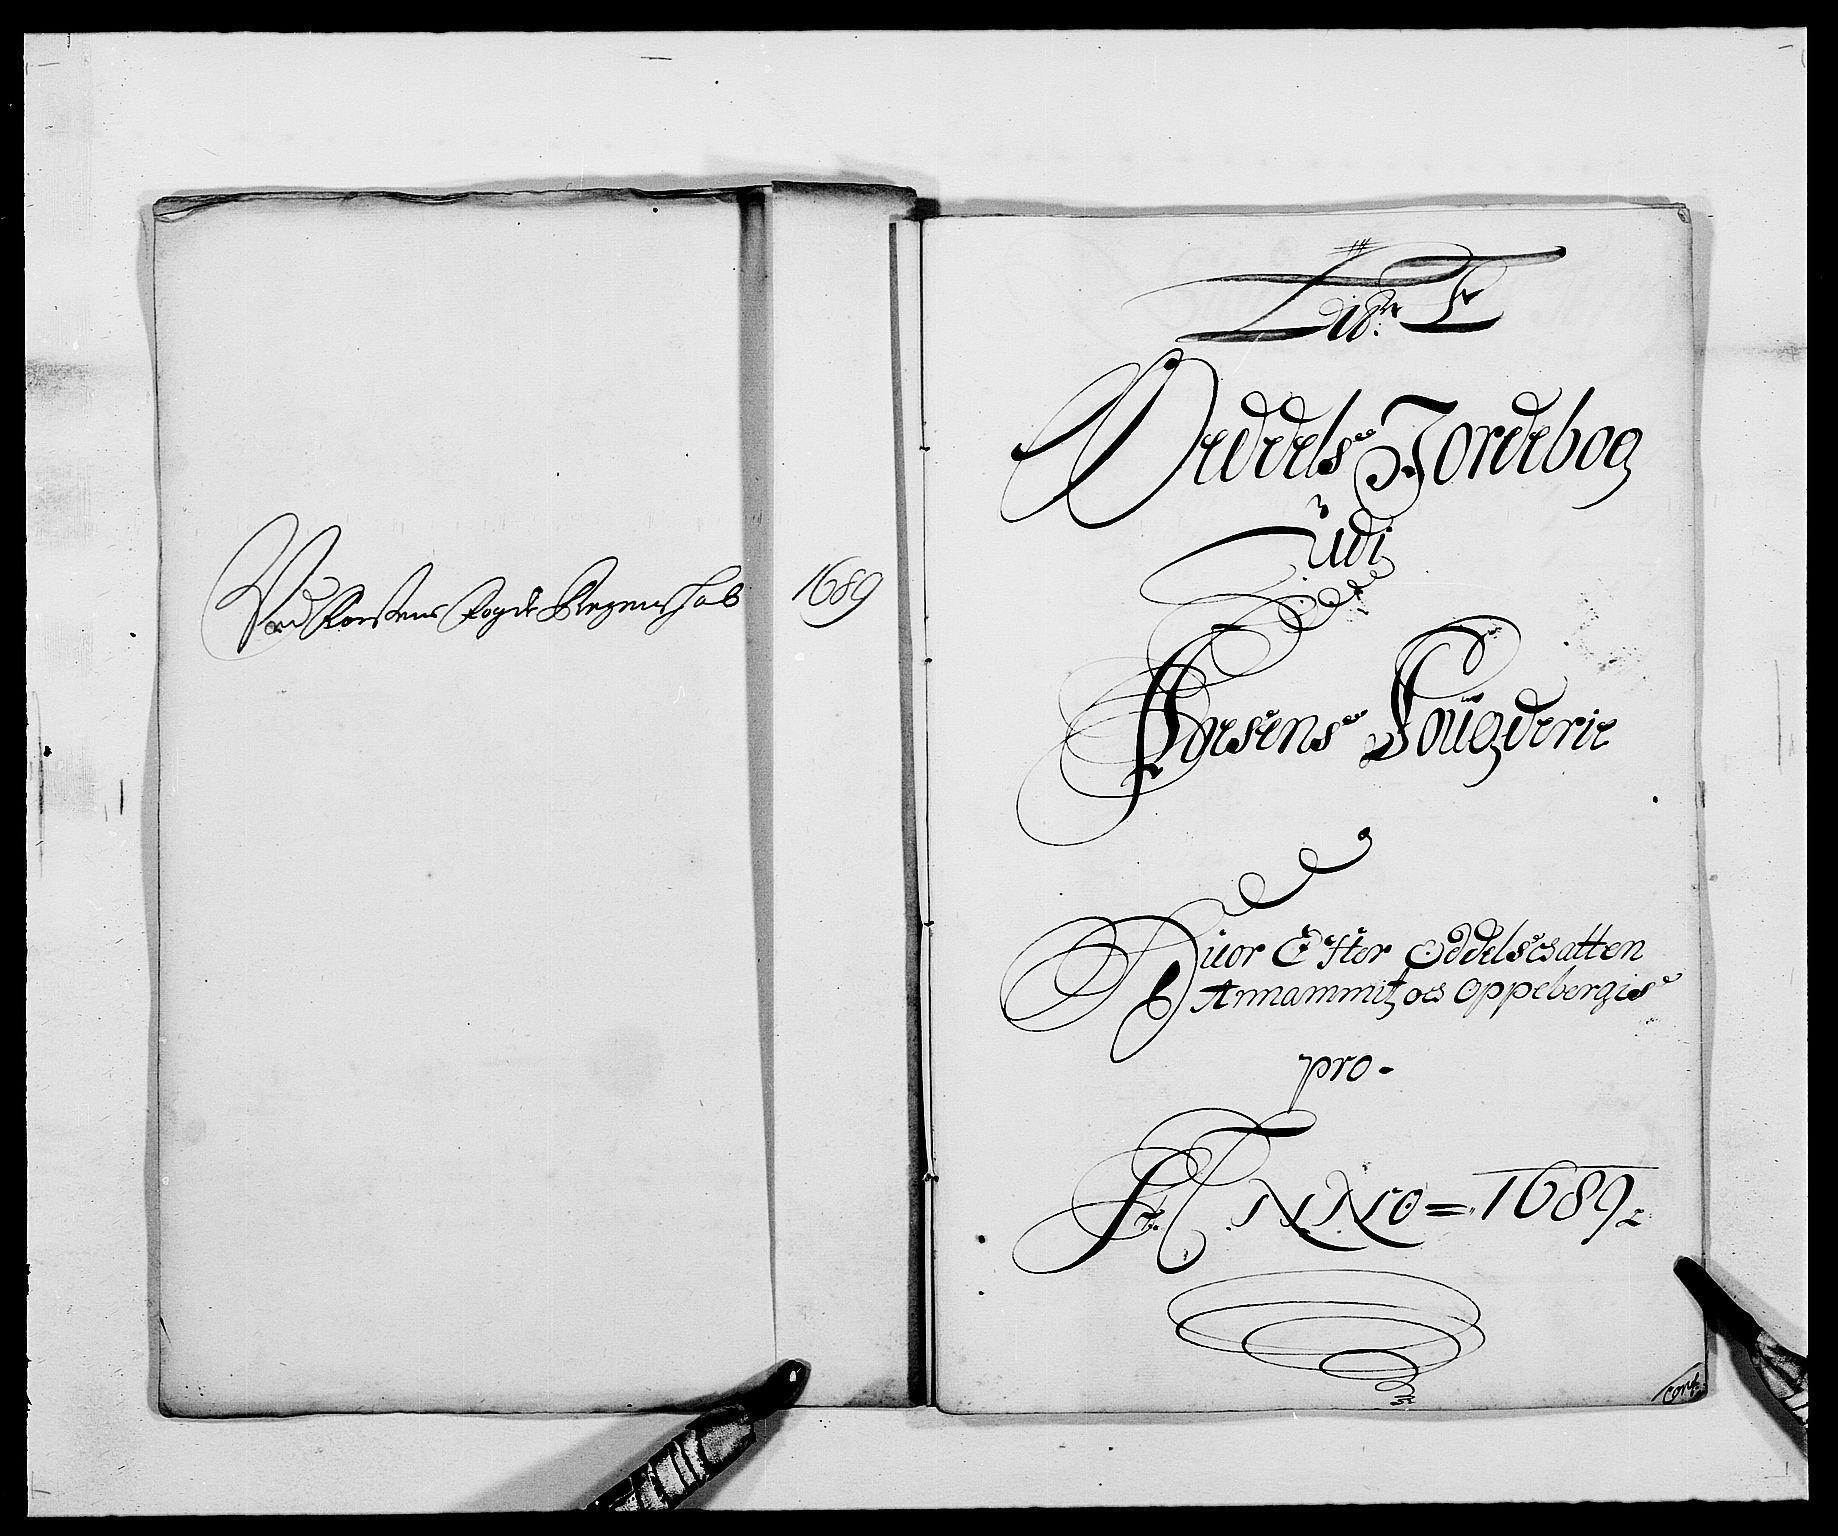 RA, Rentekammeret inntil 1814, Reviderte regnskaper, Fogderegnskap, R57/L3847: Fogderegnskap Fosen, 1689, s. 31